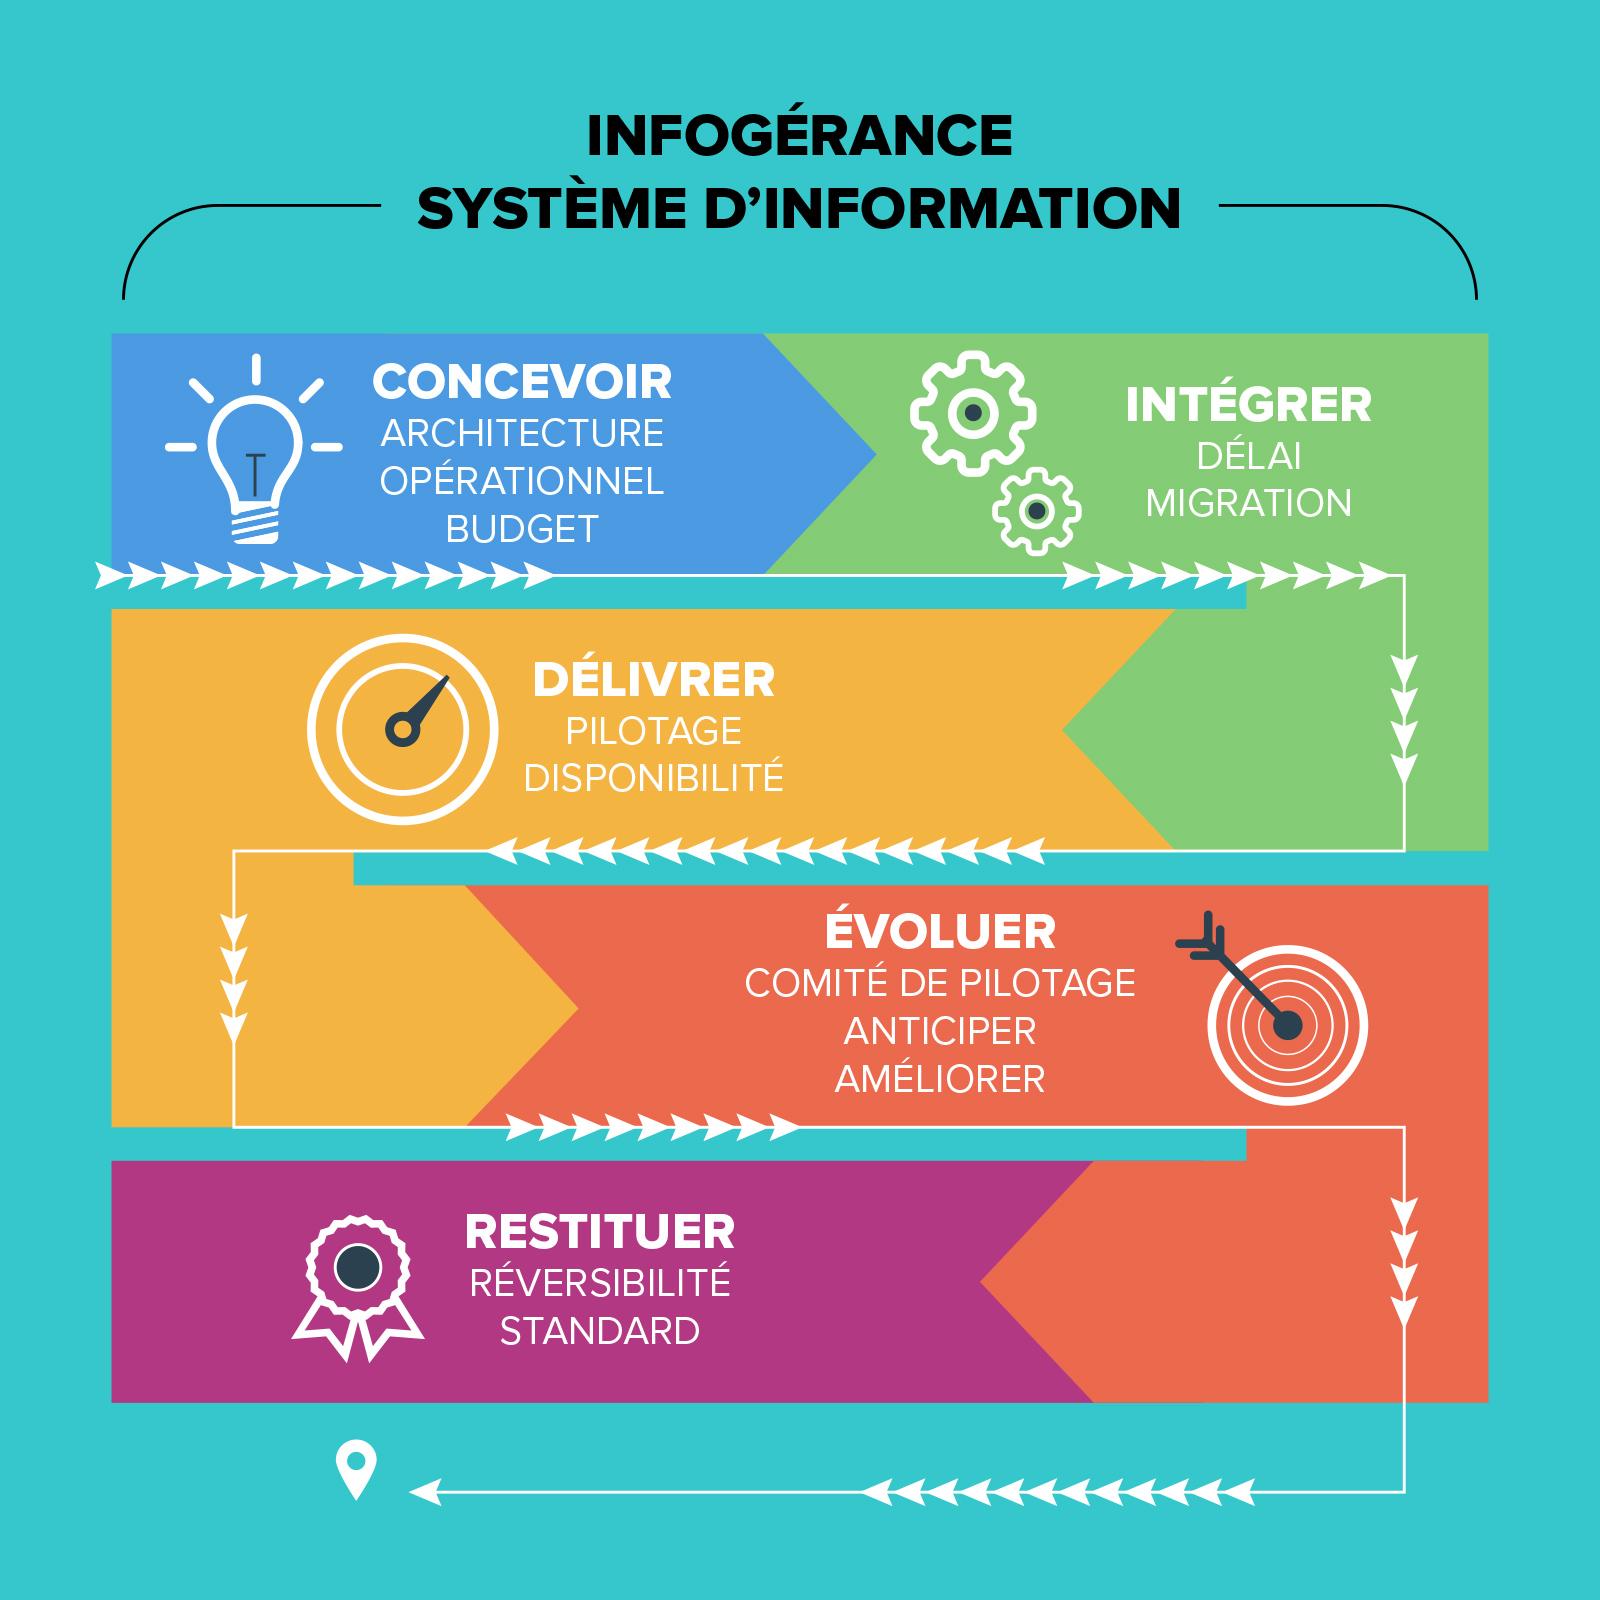 Hébergement Infogérance système d'information